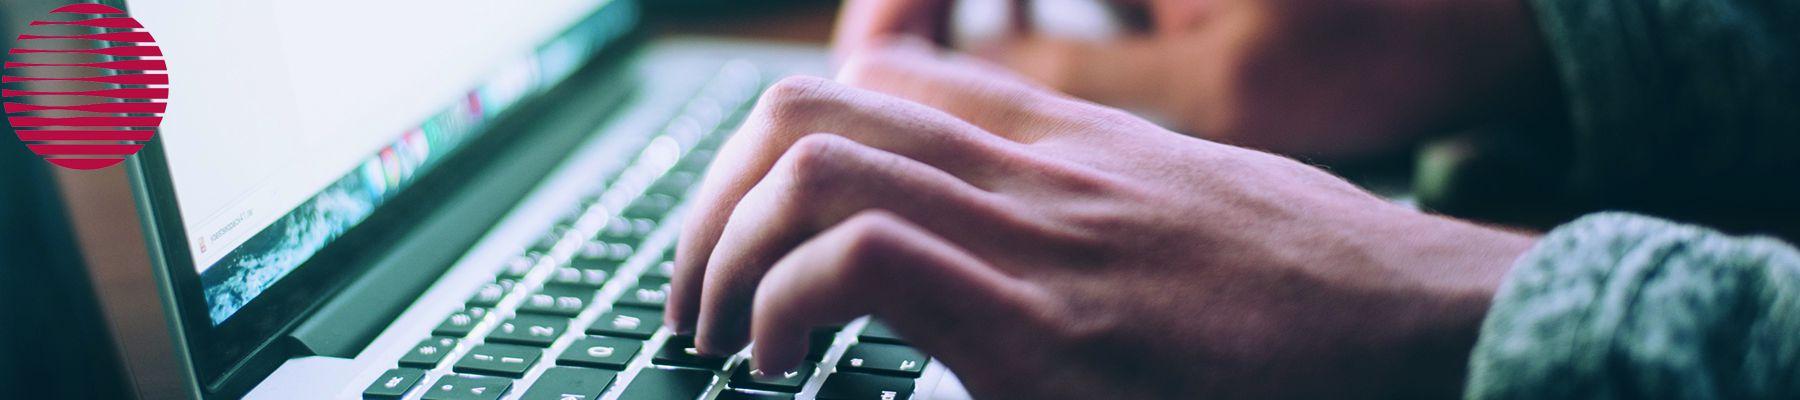 Schaffen Sie sich eine entspannte Arbeitsatmosphäre mit den Lösungen von Bürotechnik Stroh GmbH